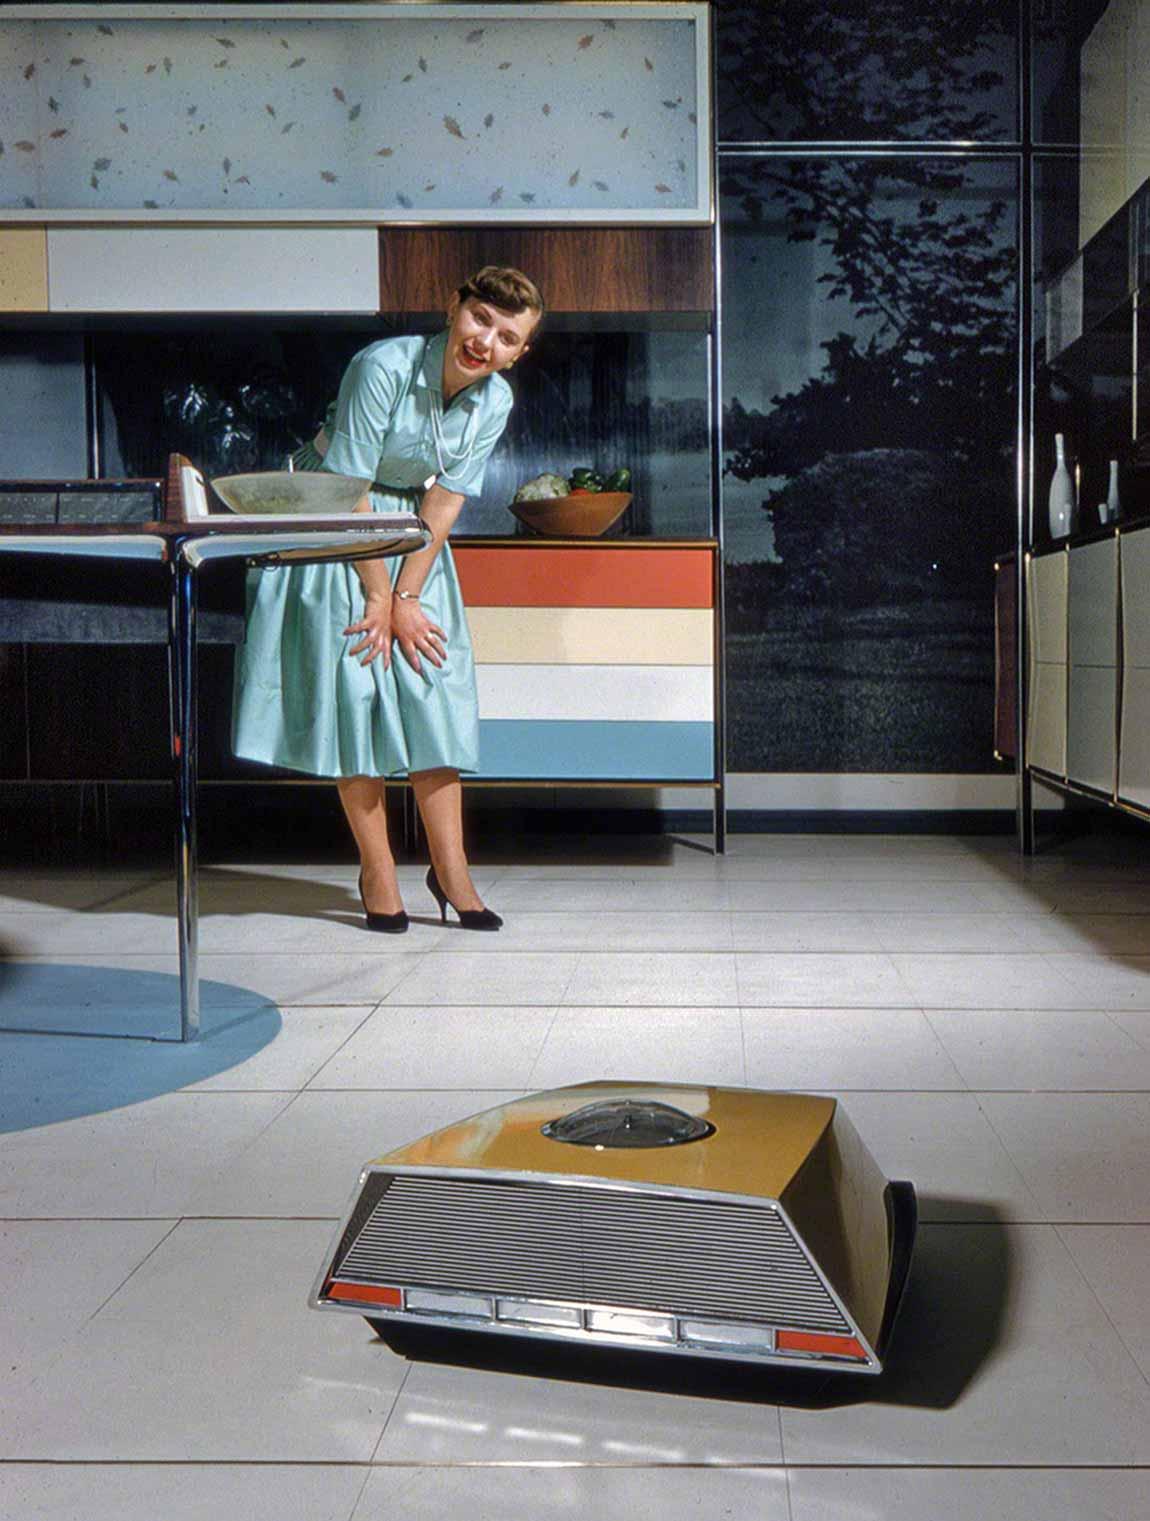 Robo Vac - Exposición Nacional Americana en Moscú, 1959